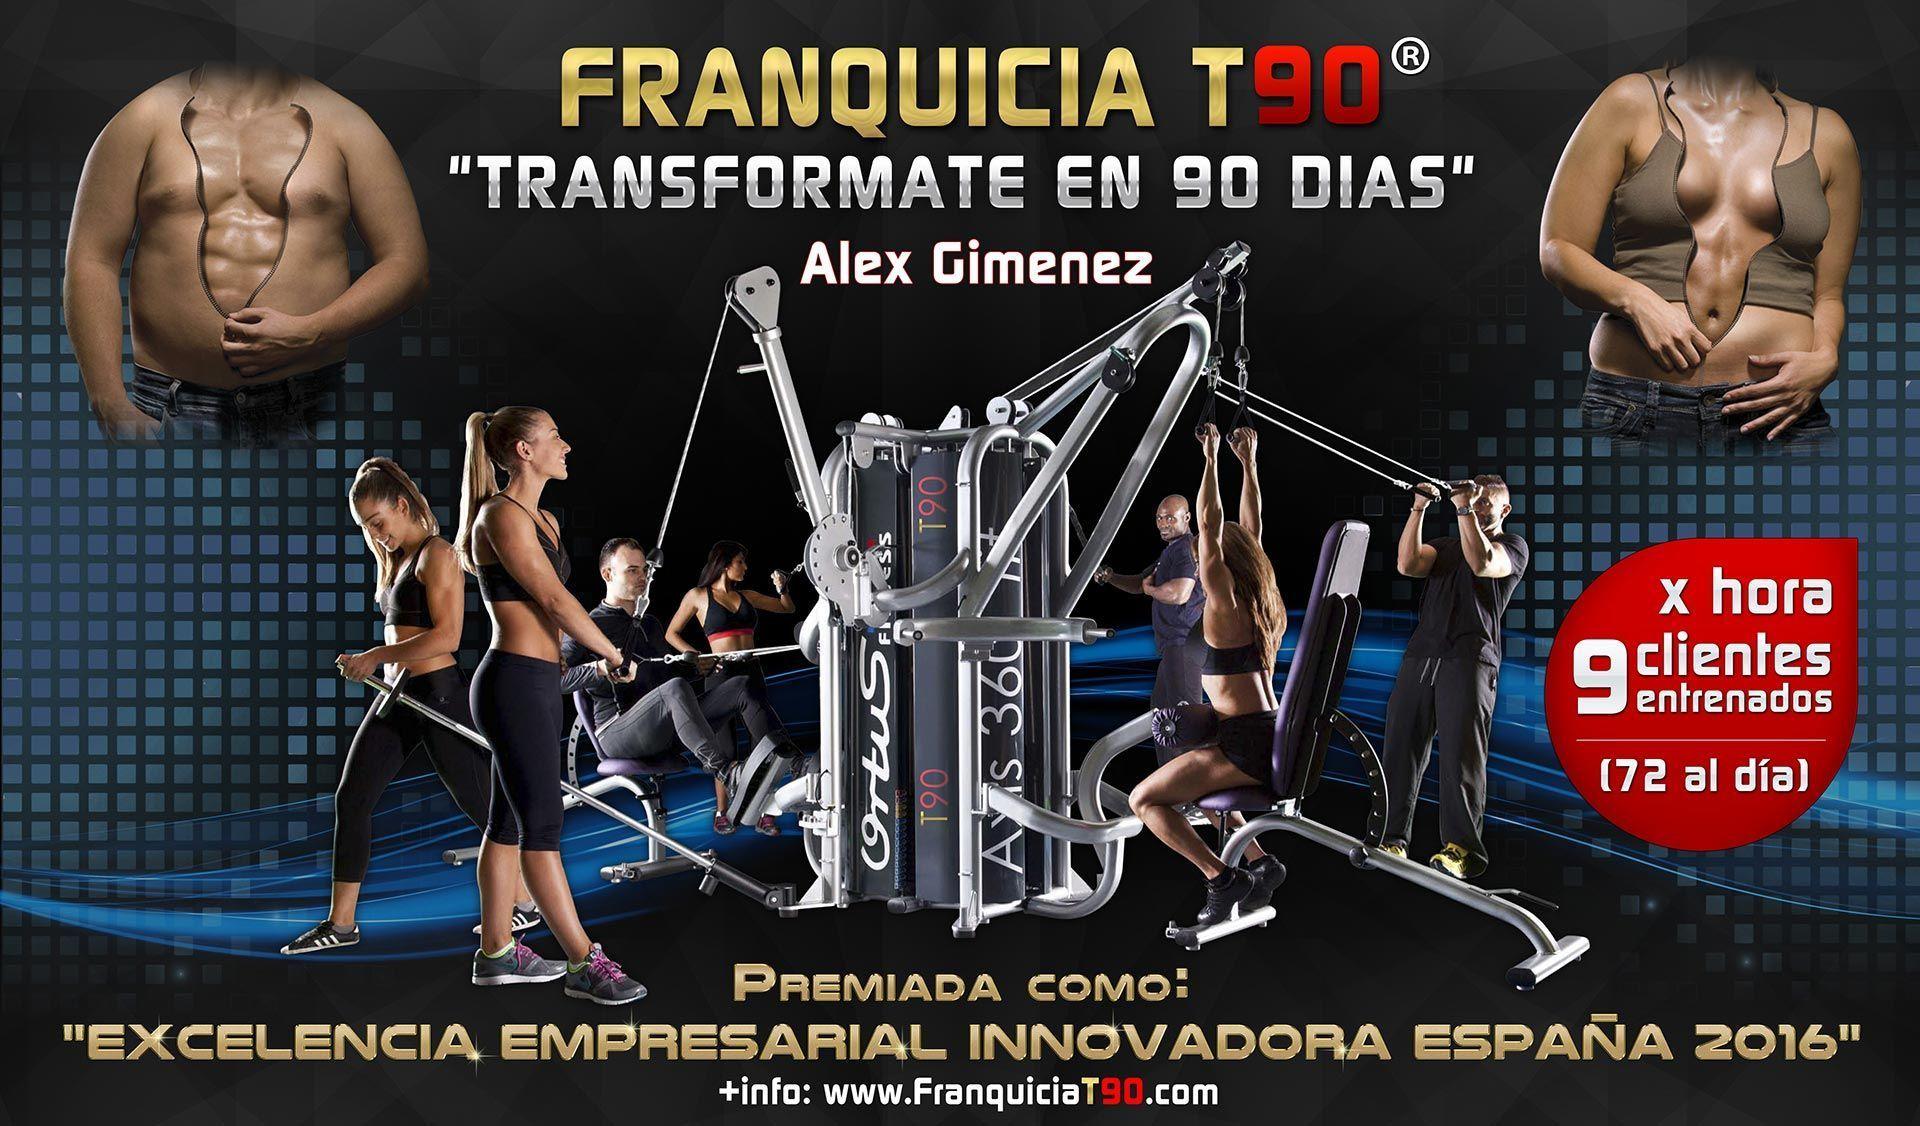 franquicia t90